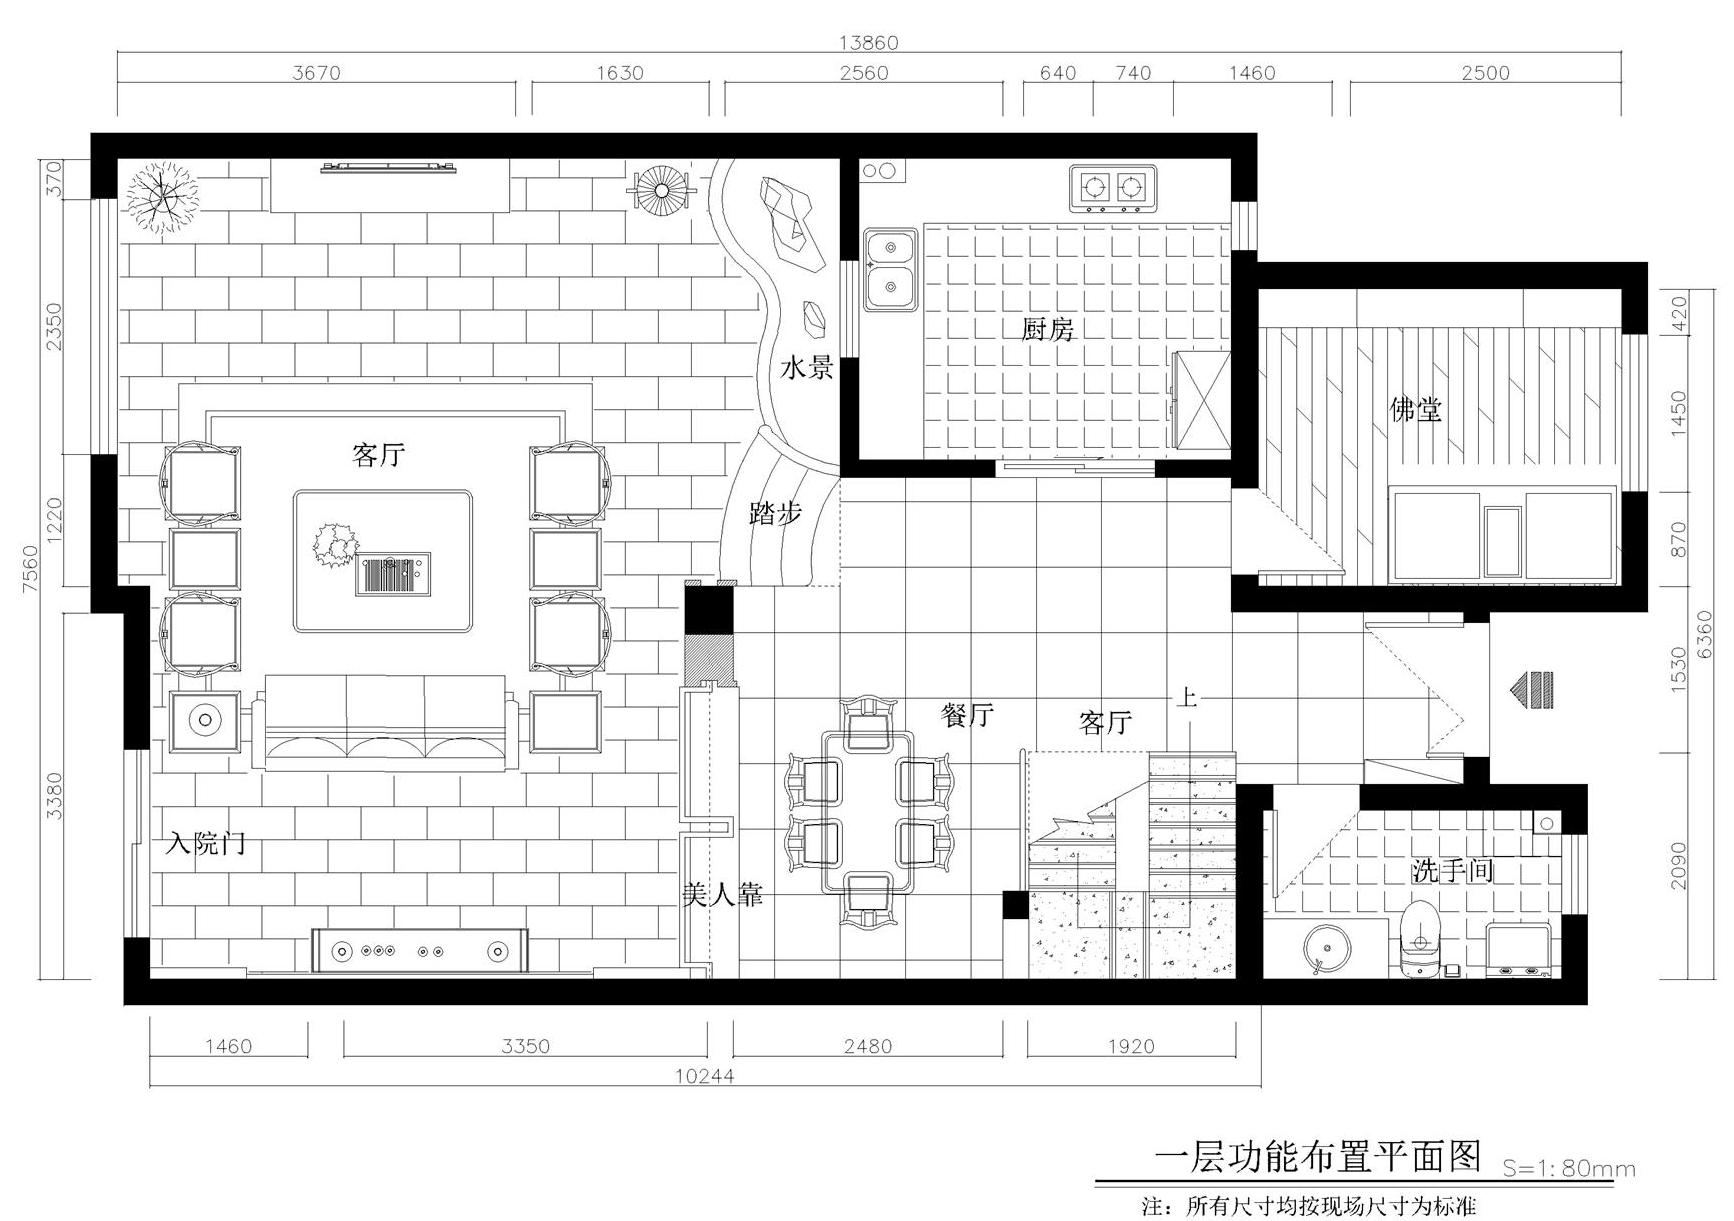 半山國際新中式360平米裝修效果圖裝修設計理念